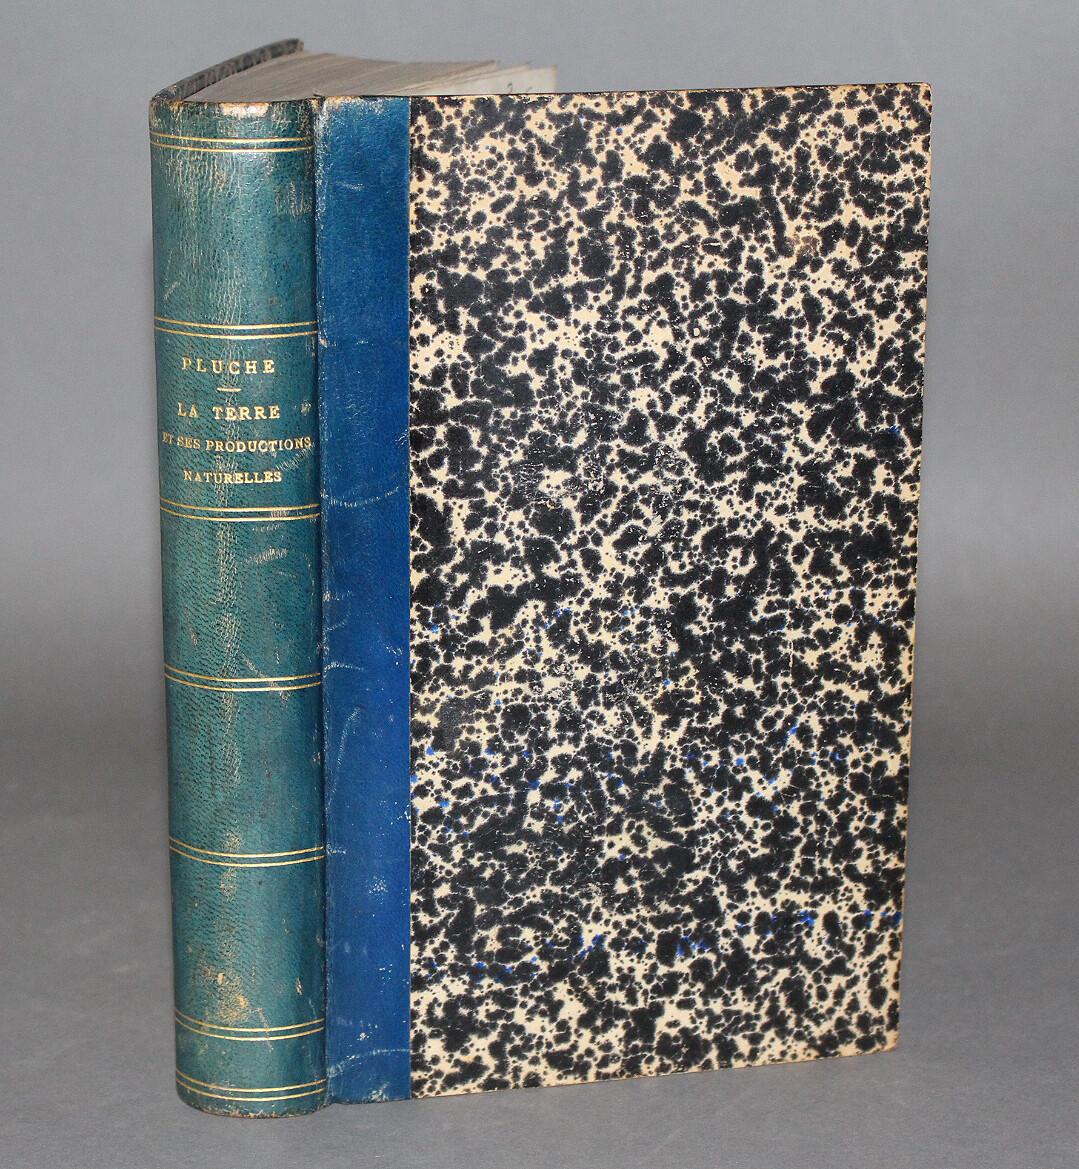 PLUCHE.- Le Spectacle de la Nature..., 1875. Nouvelle édition peu commune de ce livre célèbre.